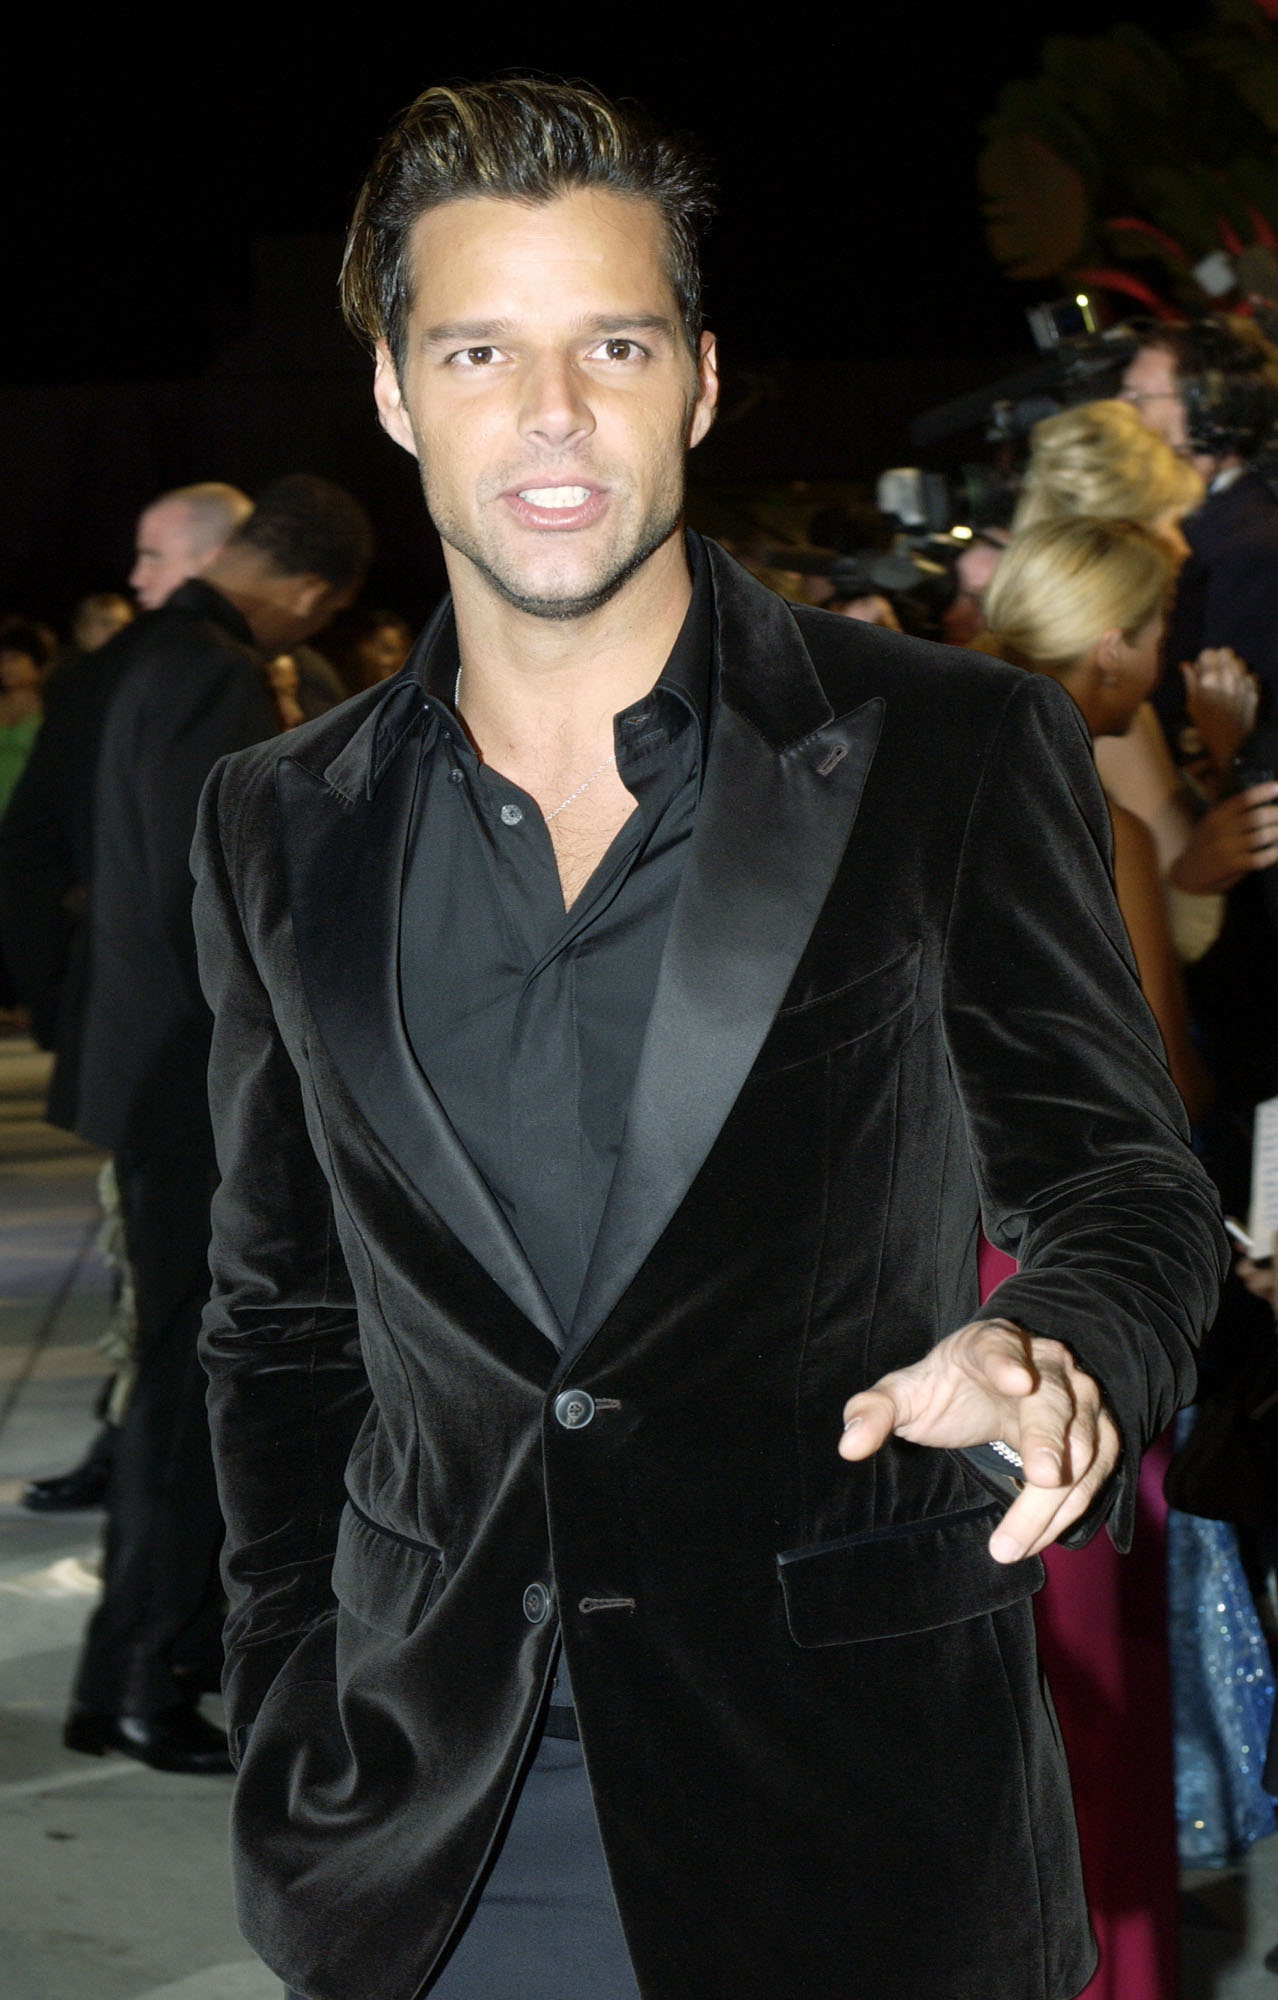 """A tono con las tendencias del momento, el astro boricua seleccionó una chaqueta de terciopelo para asistir a la fiesta """"post-Oscar"""" que anualmente ofrece la revista """"Vanity Fair"""". La foto fue tomada en febrero de 2004. (Archivo)"""